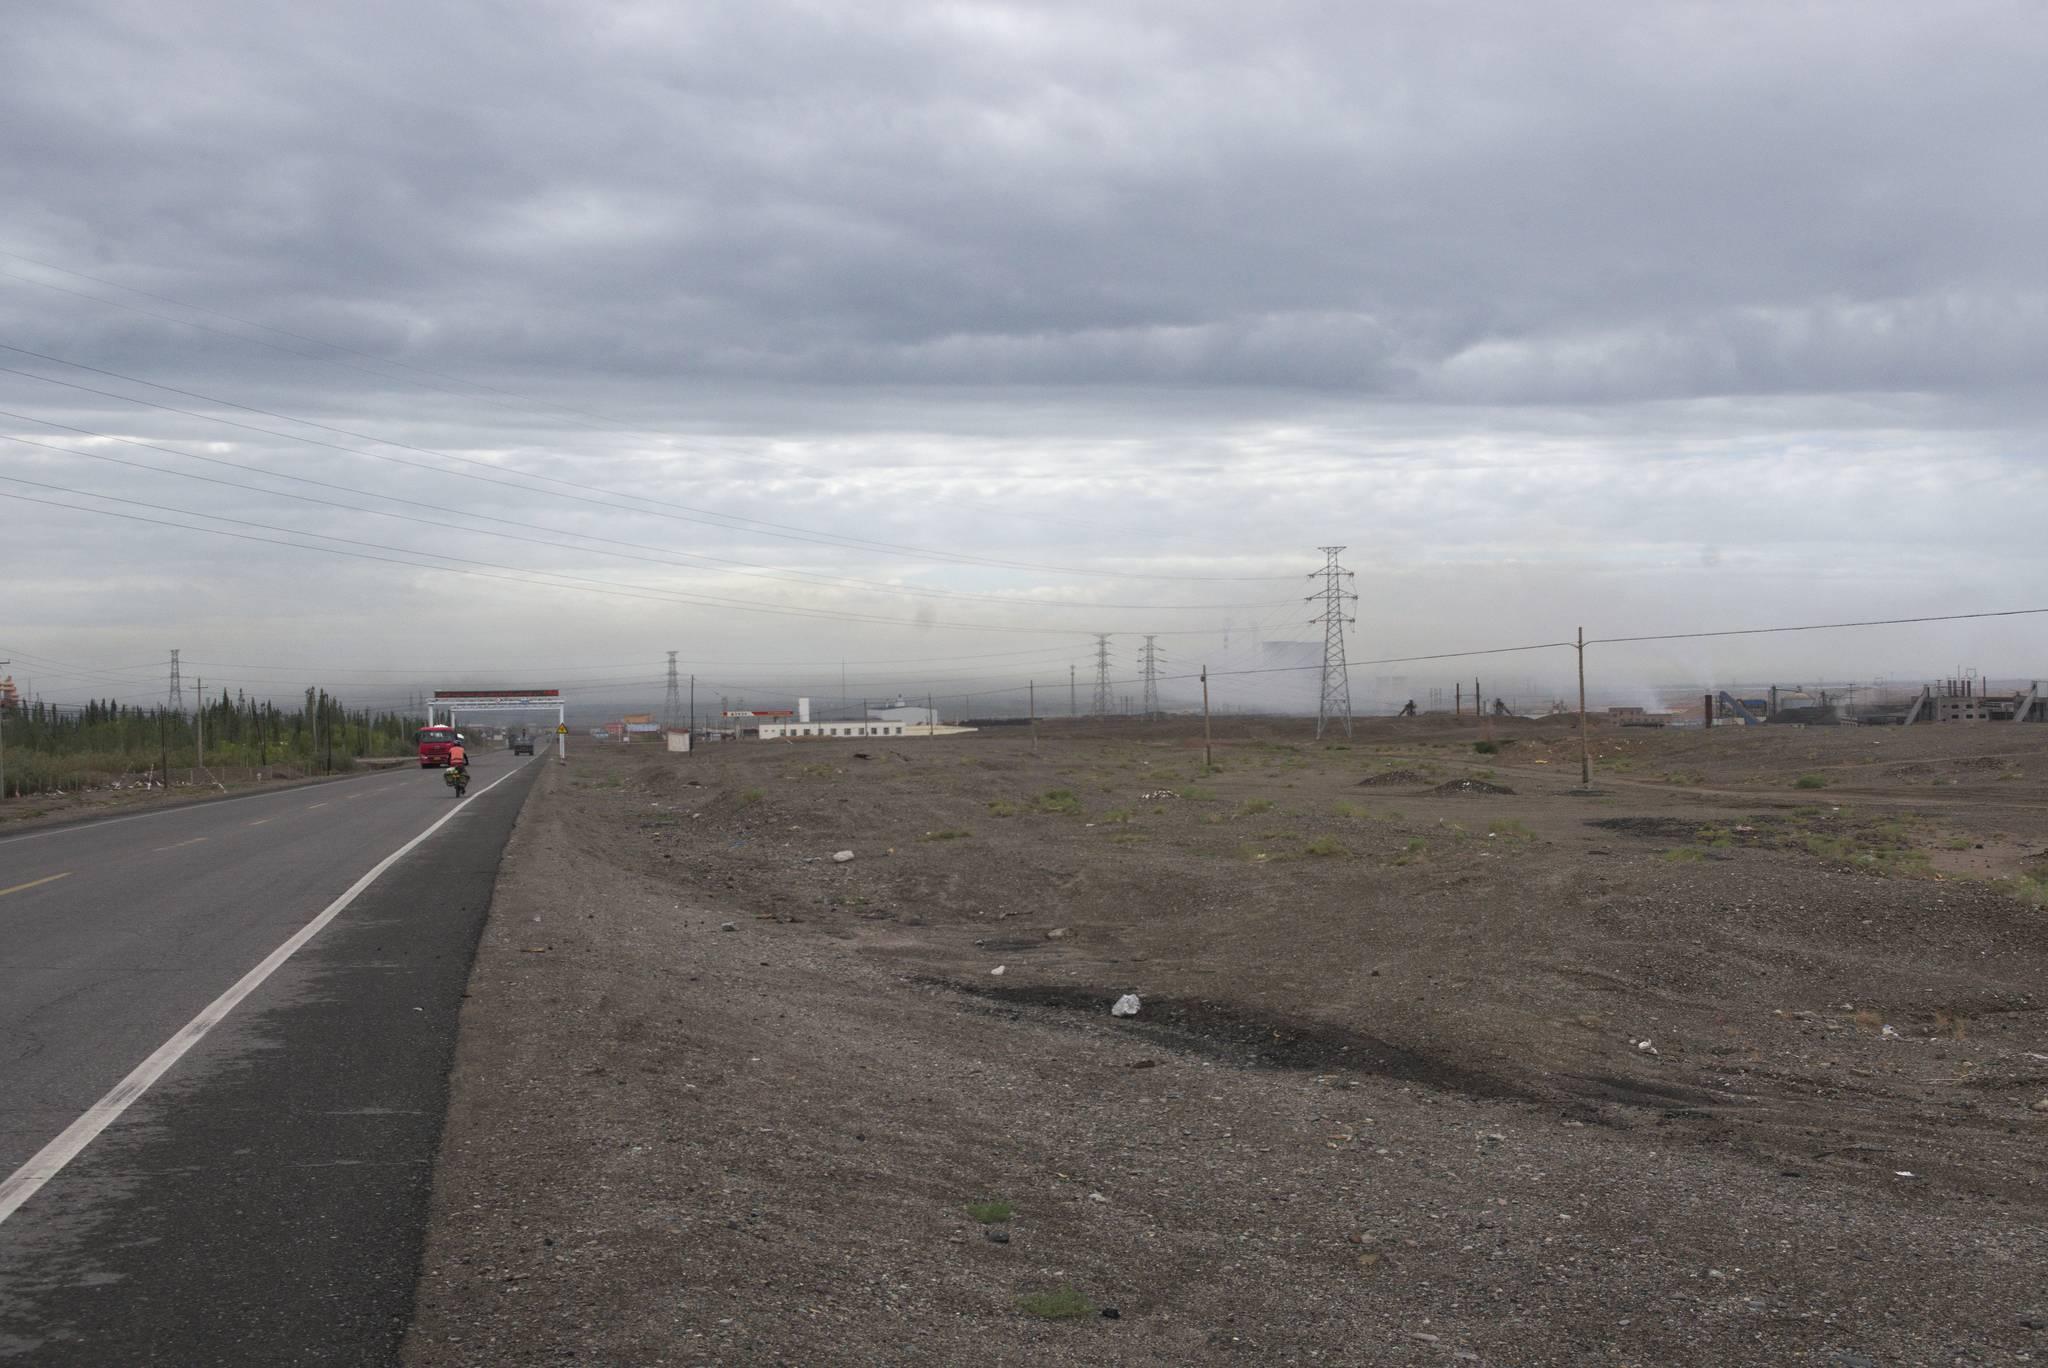 Na tym zdjęciu dobrze widać, co dzieje się, gdy przestaje wiać. Smog nad Kucha